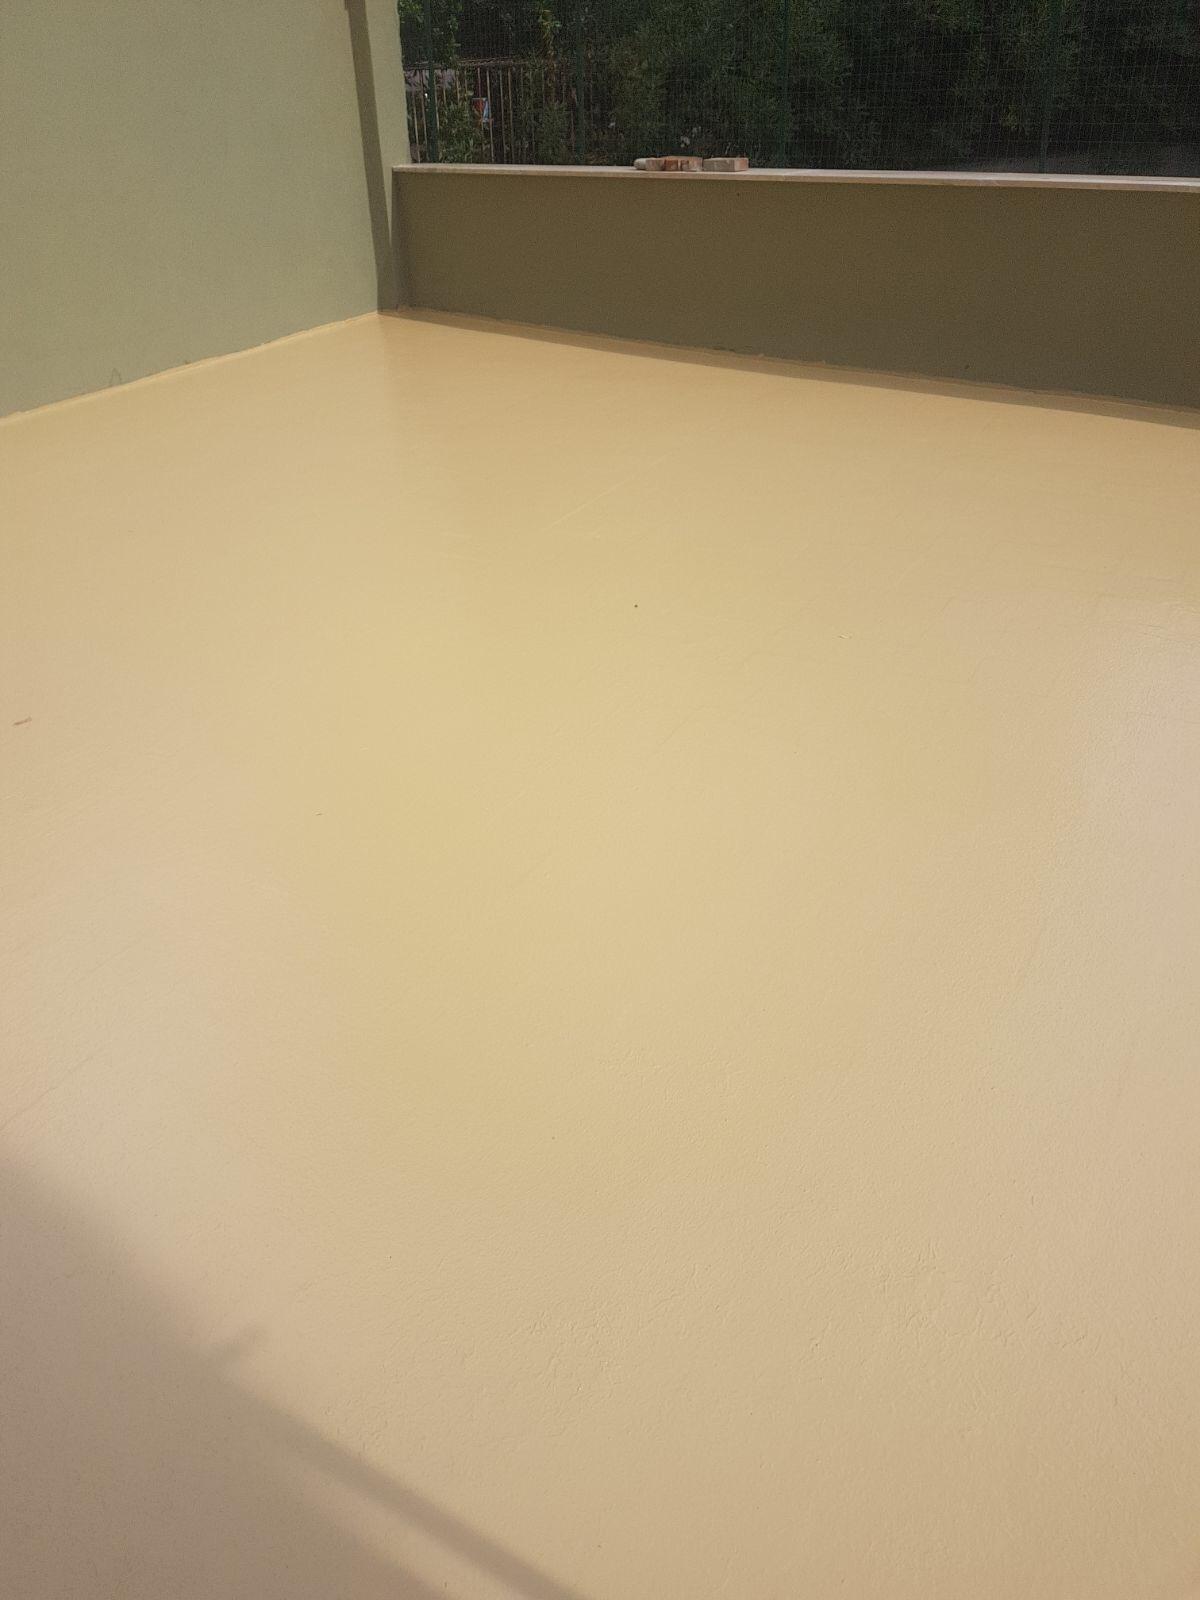 Impermeabilizzazione terrazzi| preventivi gratuiti 3483907380